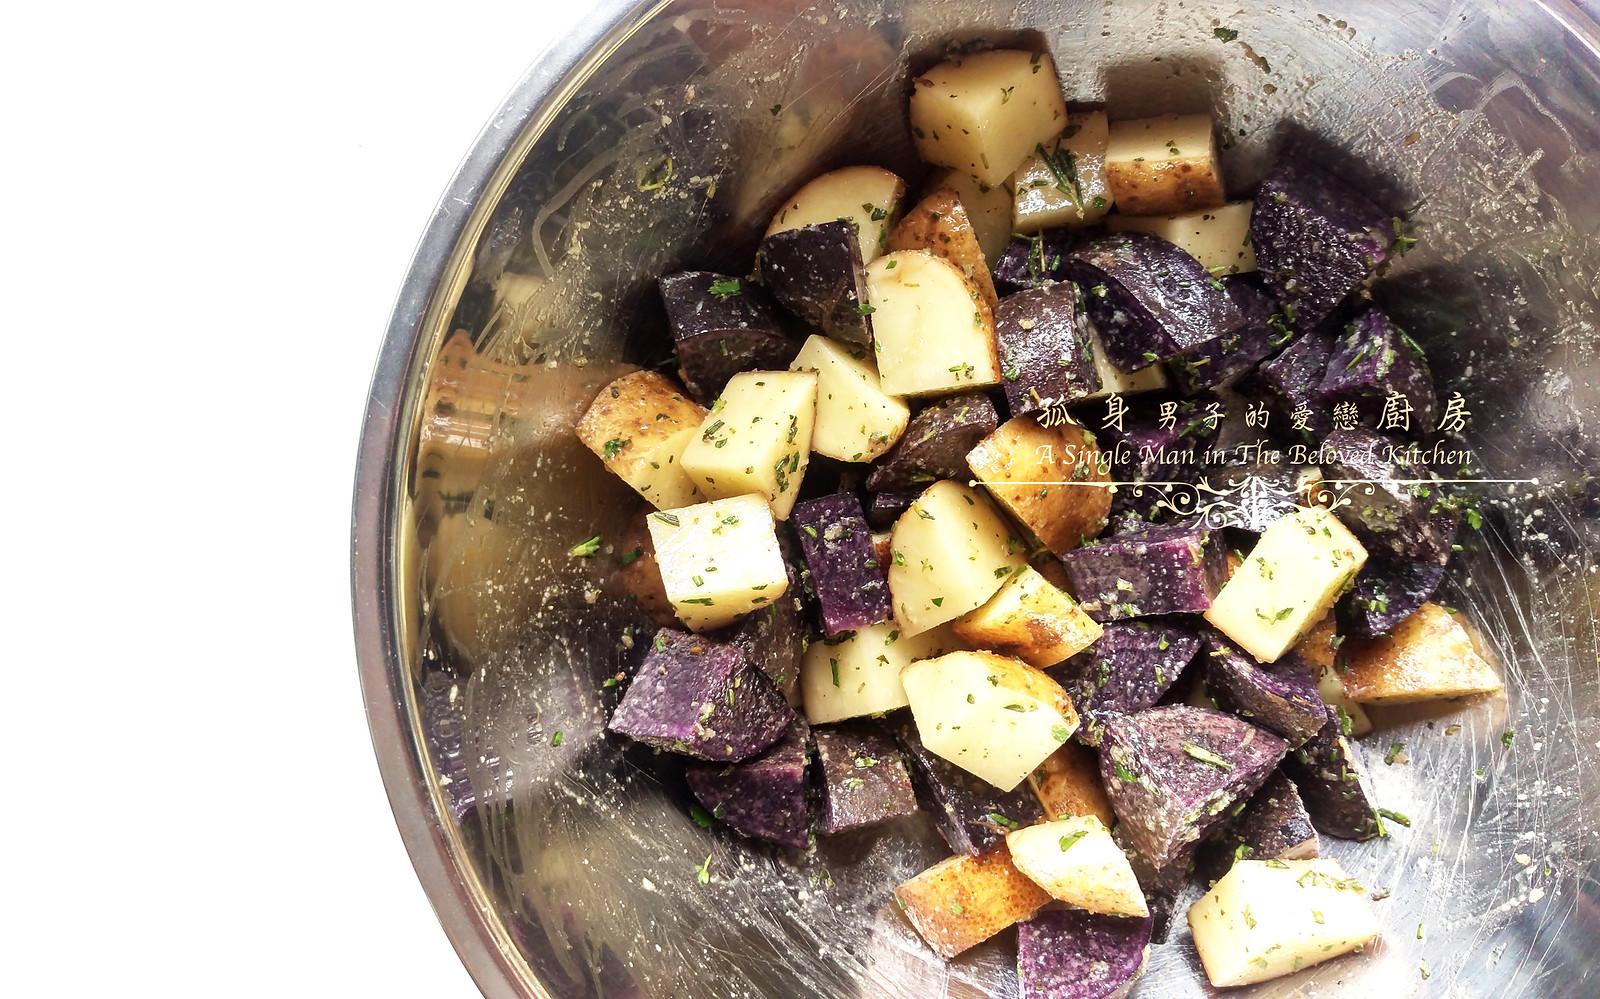 孤身廚房-香草烤雙色馬鈴薯──好吃又簡單的烤箱料理7